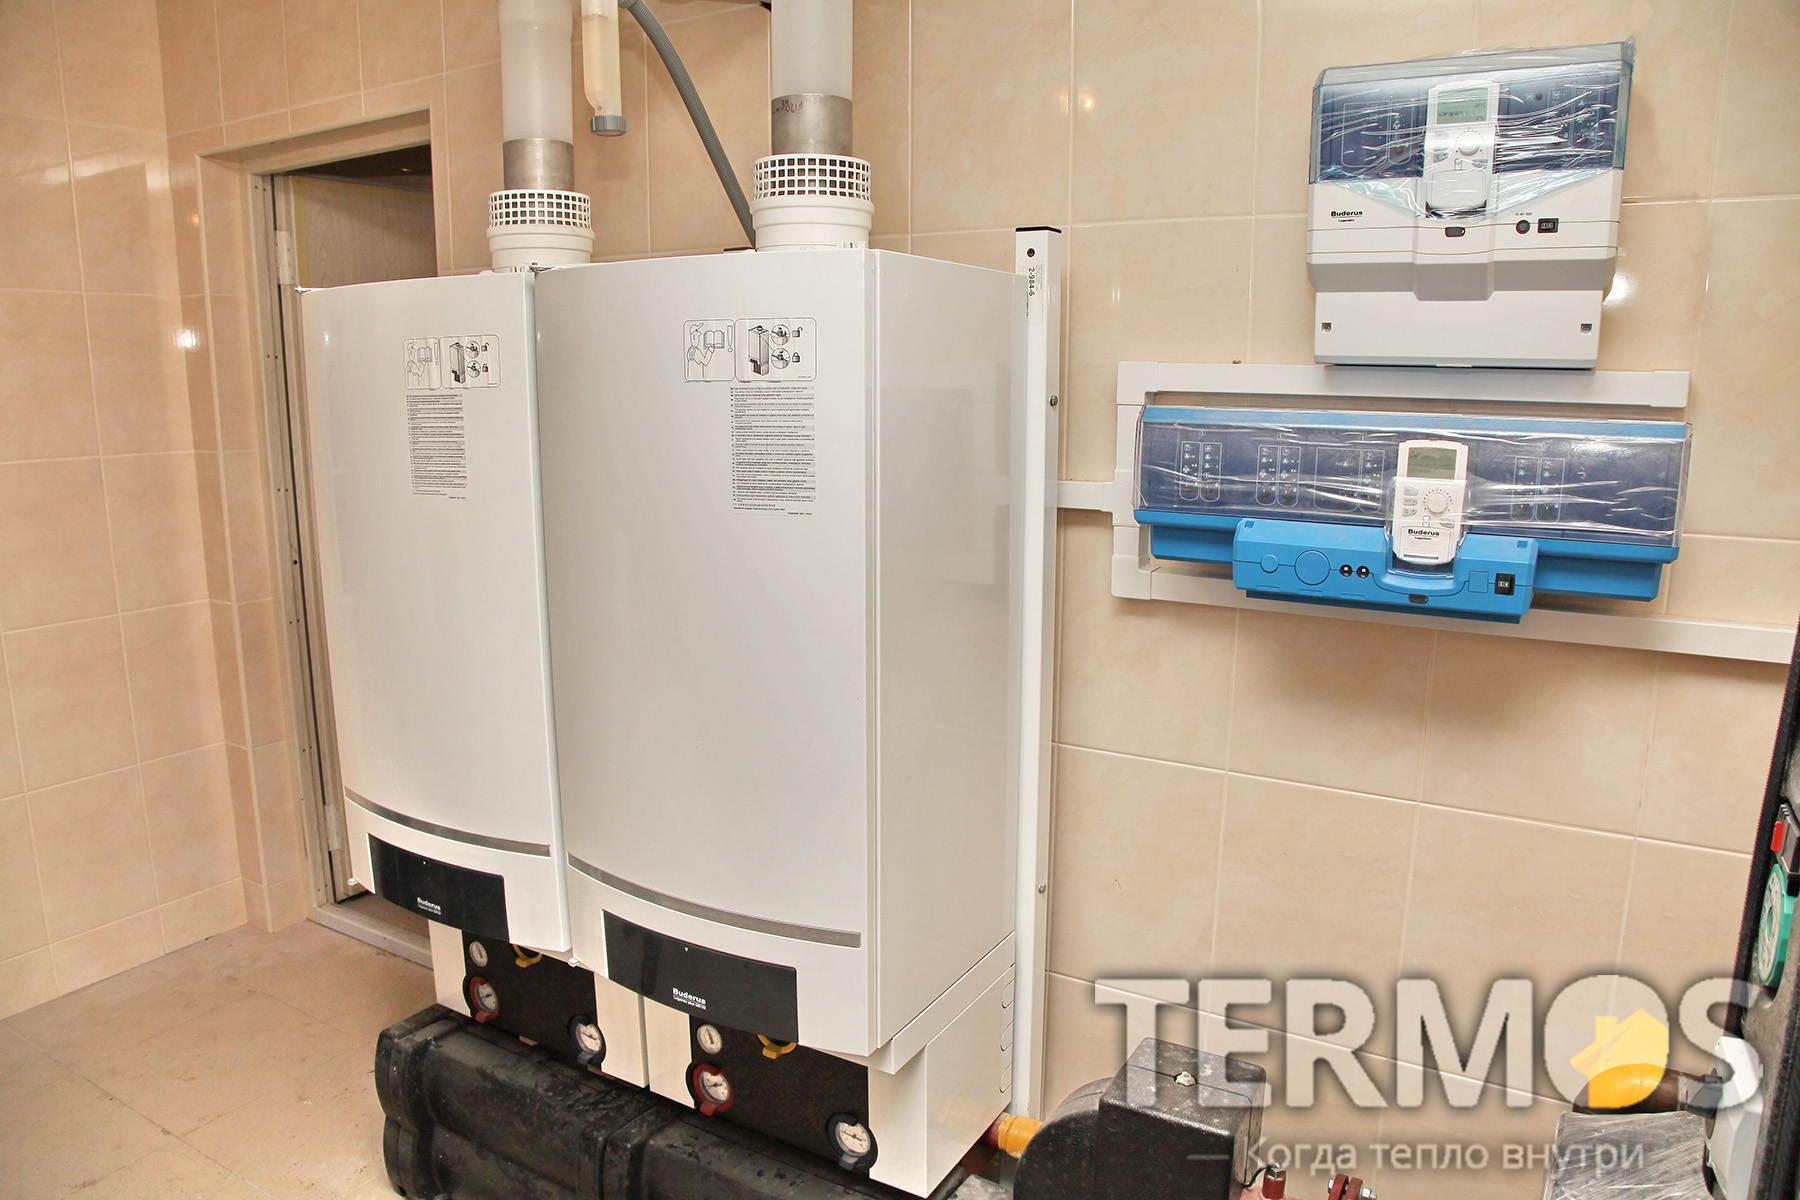 Каскадная схема работы конденсационных котлов: при запросе тепла от системы отопления, включает один котел, увеличивает его мощность и если её не достаточно, включает второй котел. Общая наработка котлов поддерживается одинаковой.